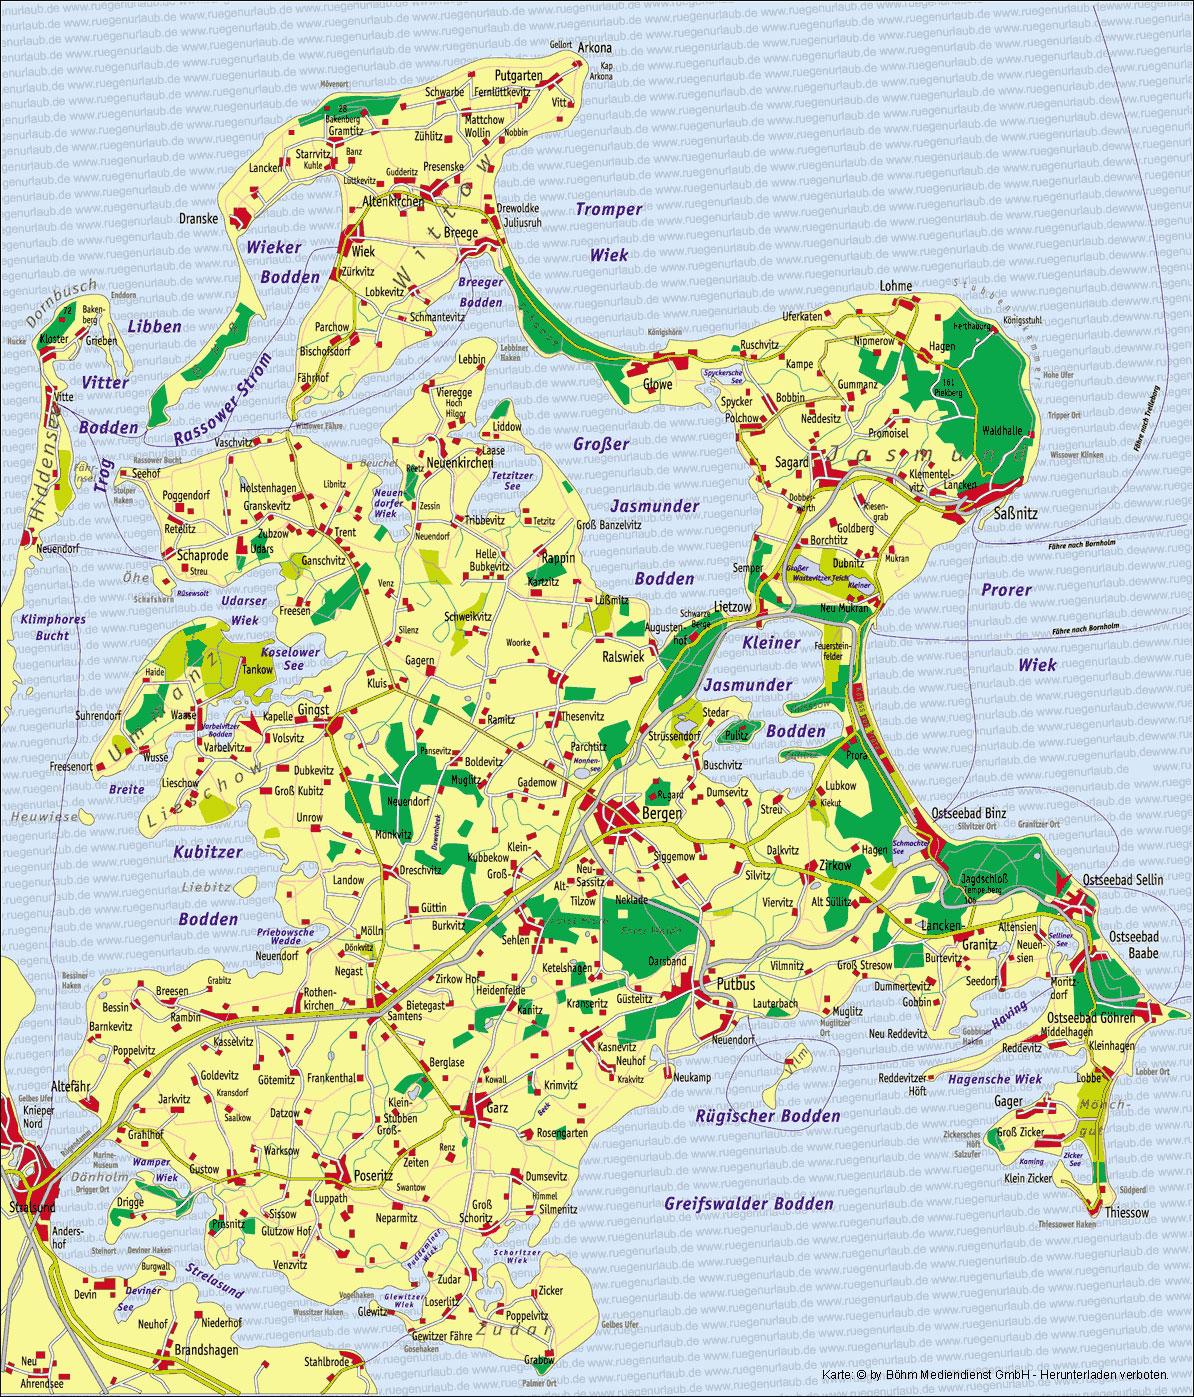 Karte Rügen.Karte Von Rügen Ruegenurlaub De